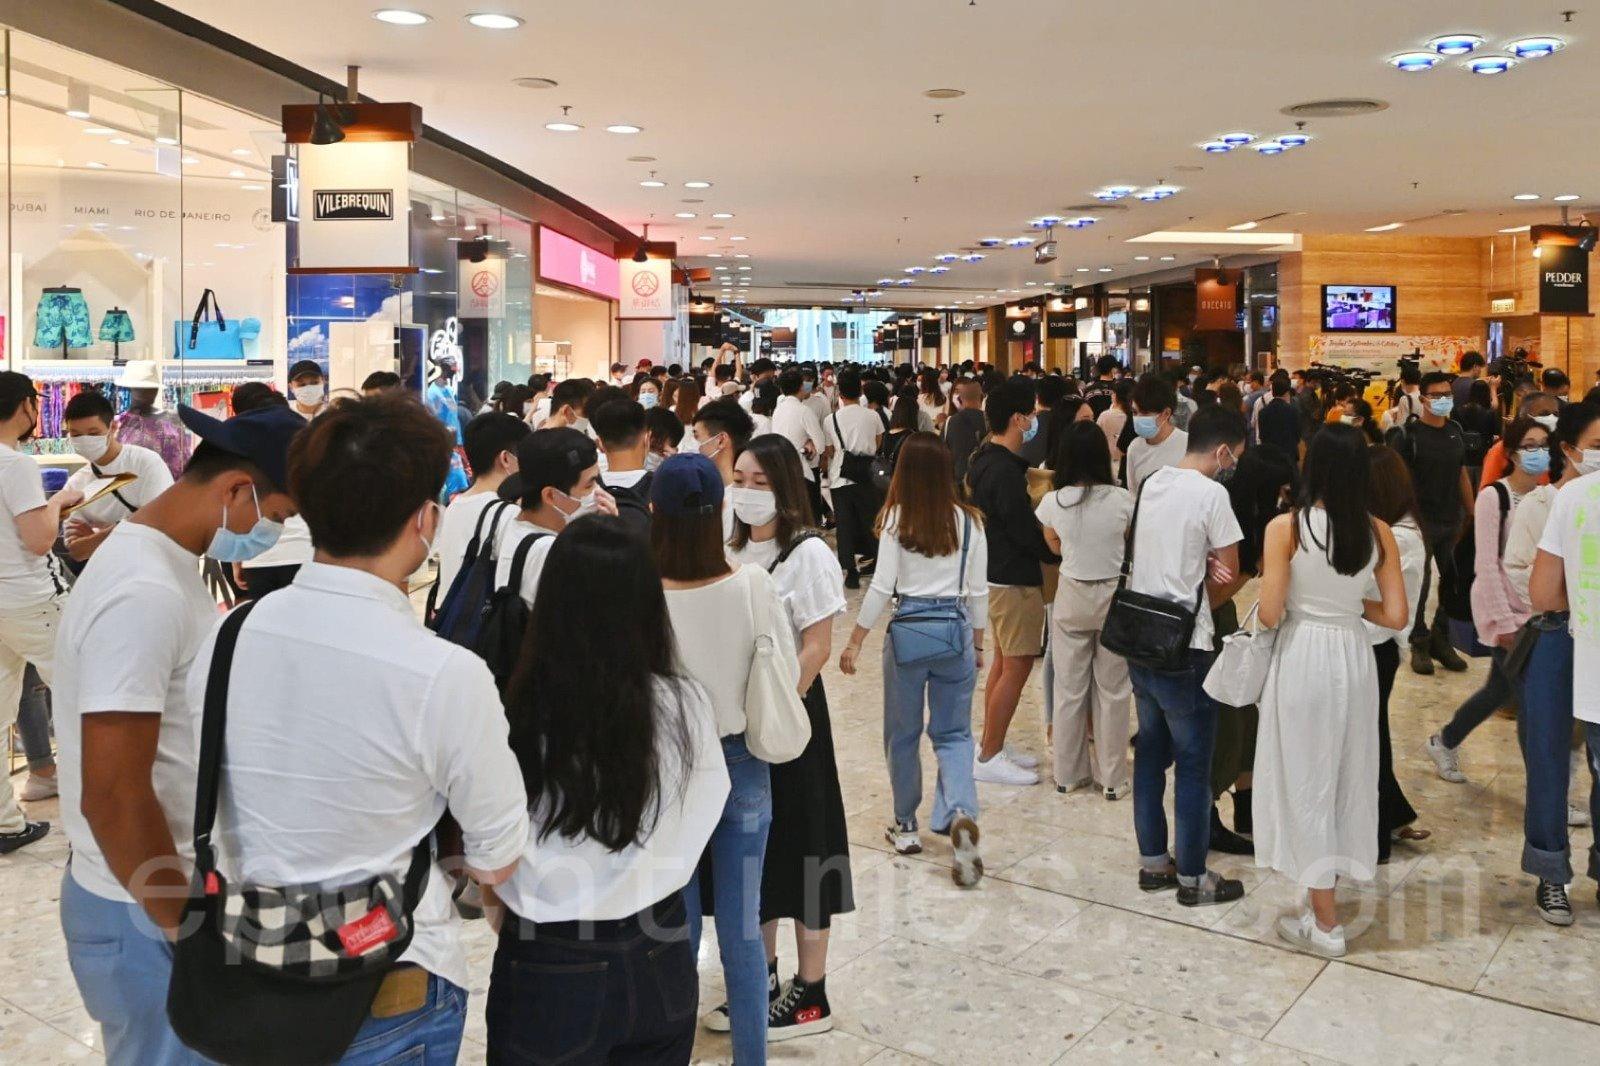 國泰航空員工工會10月26日召開緊急會員大會,受到場地及禁聚令影響,有近百名會員無法進場,聚集於酒店外聲援。(宋碧龍/大紀元)